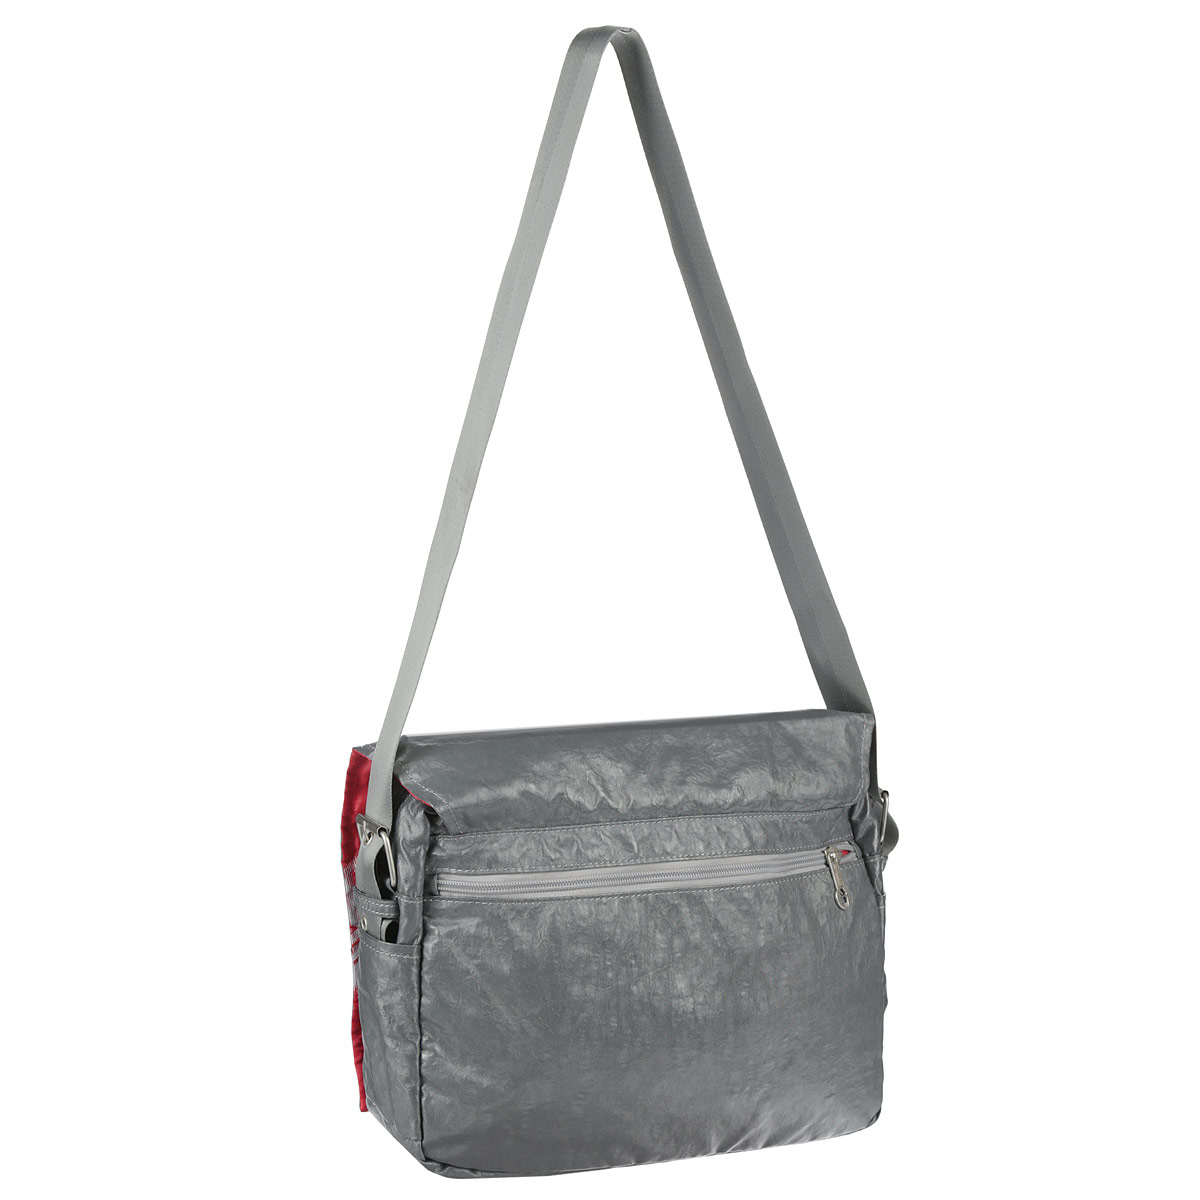 Молодежная сумка с двумя отделениями, с плоским карманом на передней стенке, внутренним карманом для документов и карманом-пеналом, с регулируемым плечевым ремнем